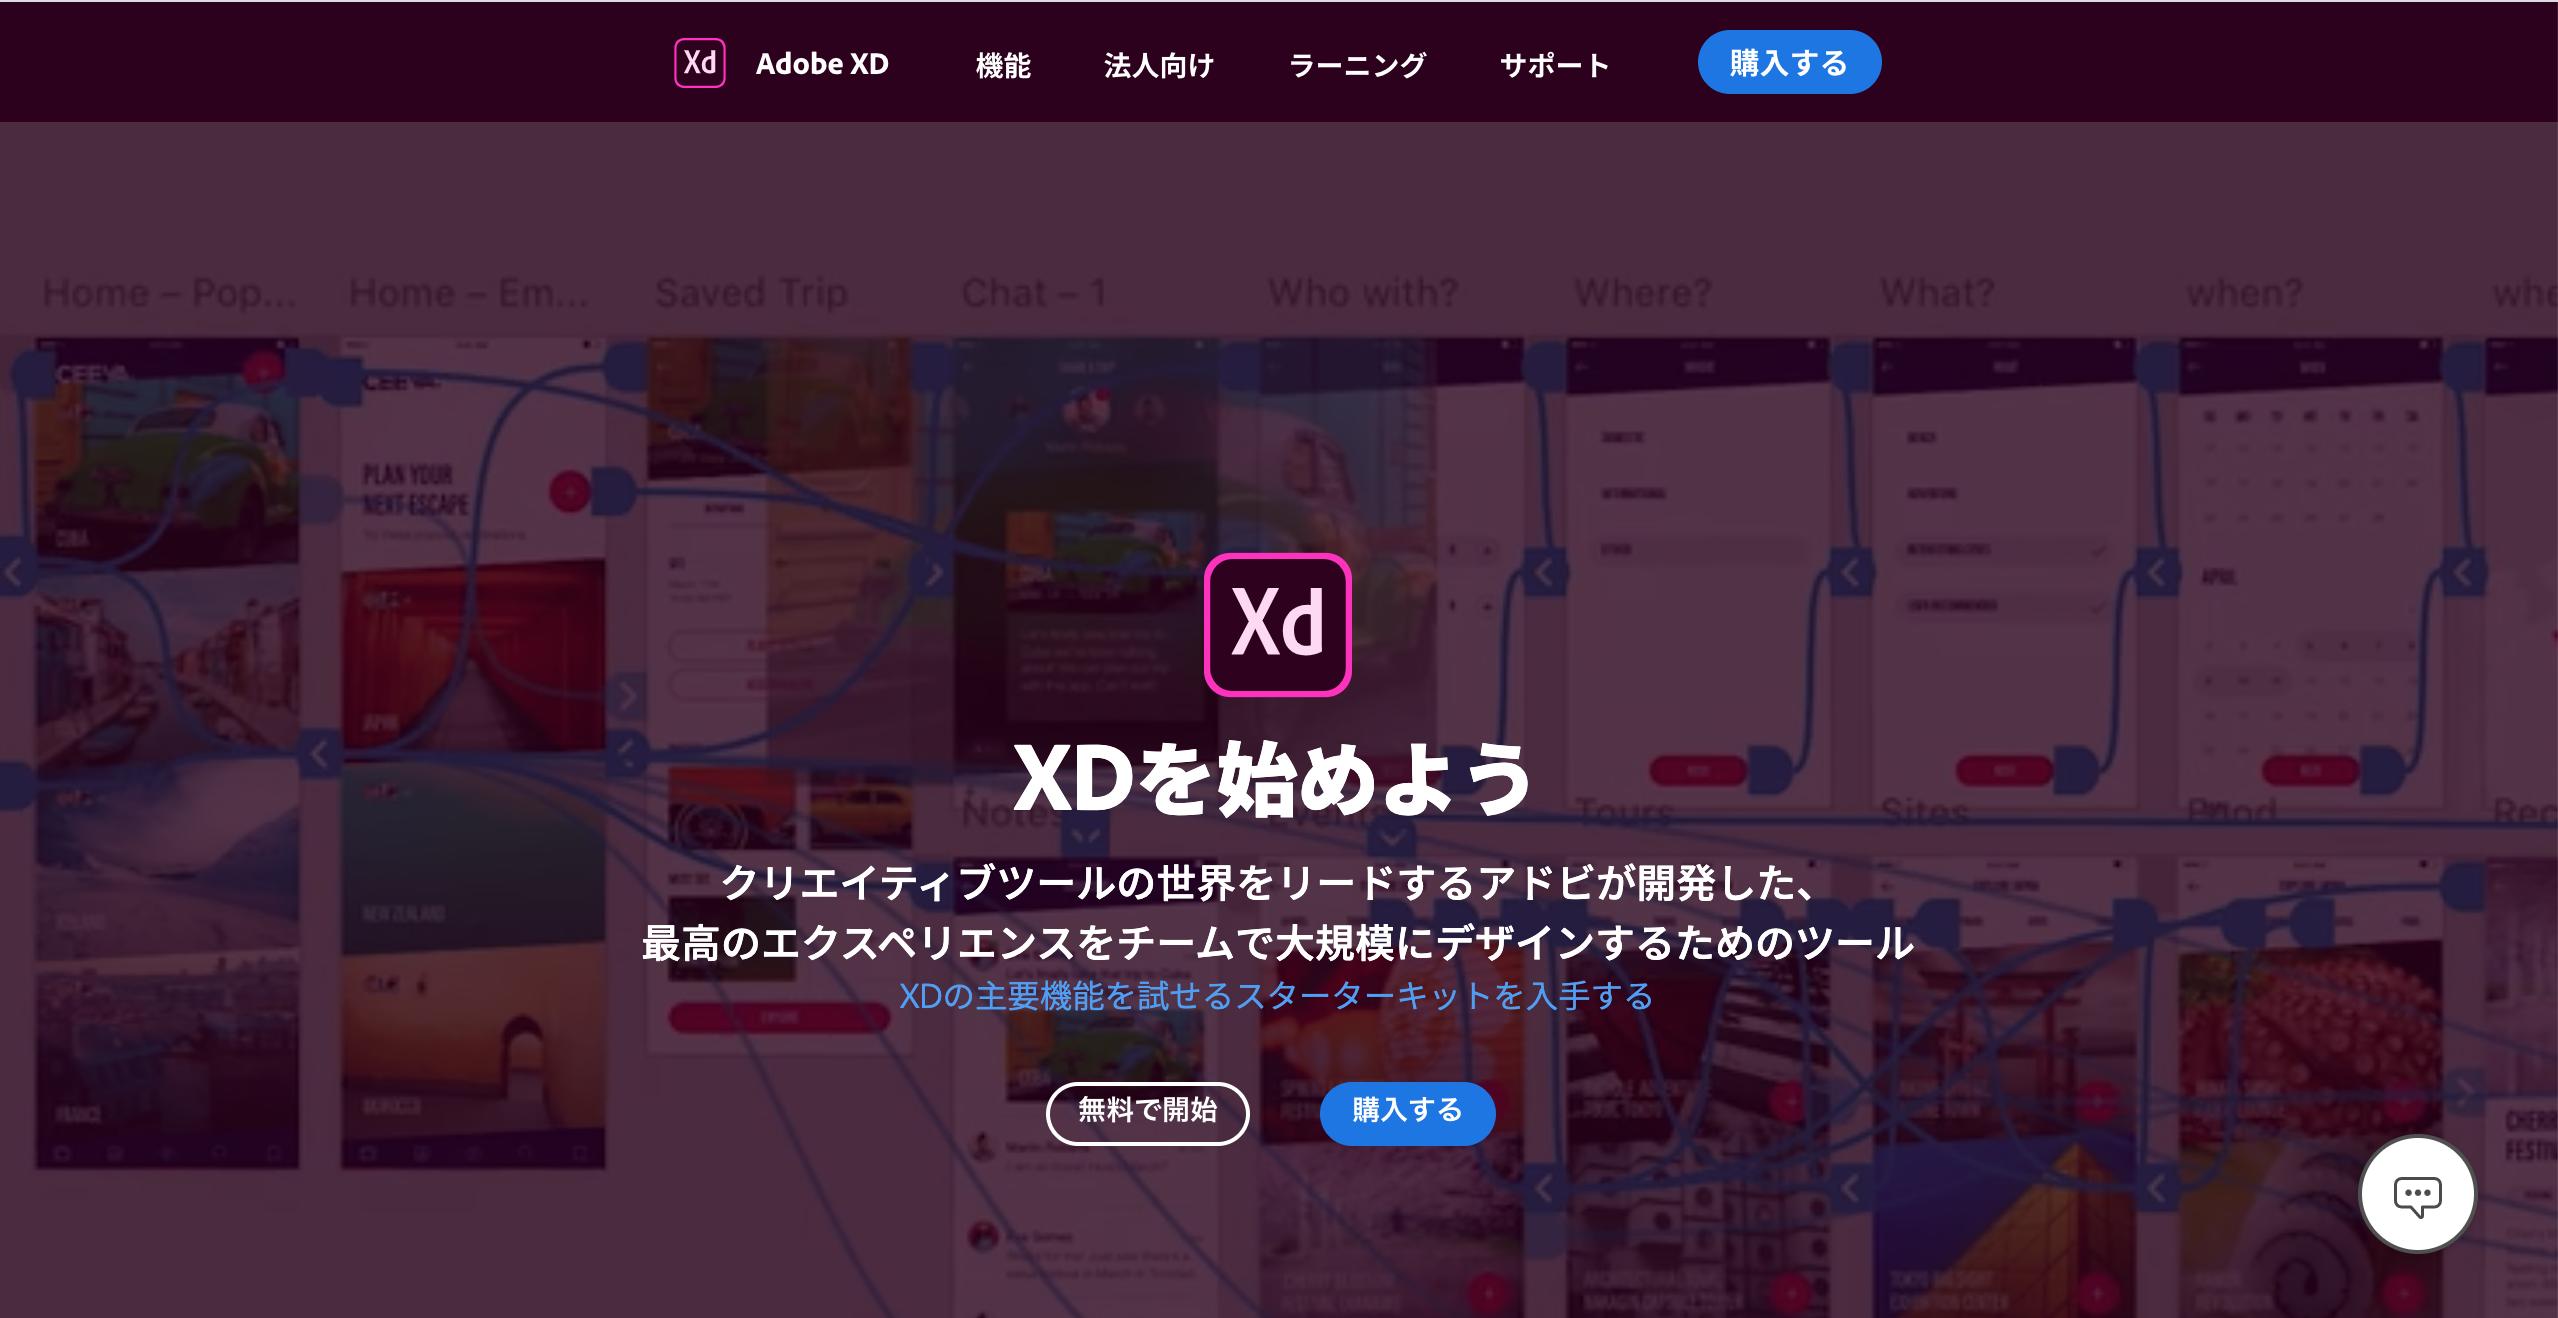 Screenshot 2020 04 18 at 15.28.29